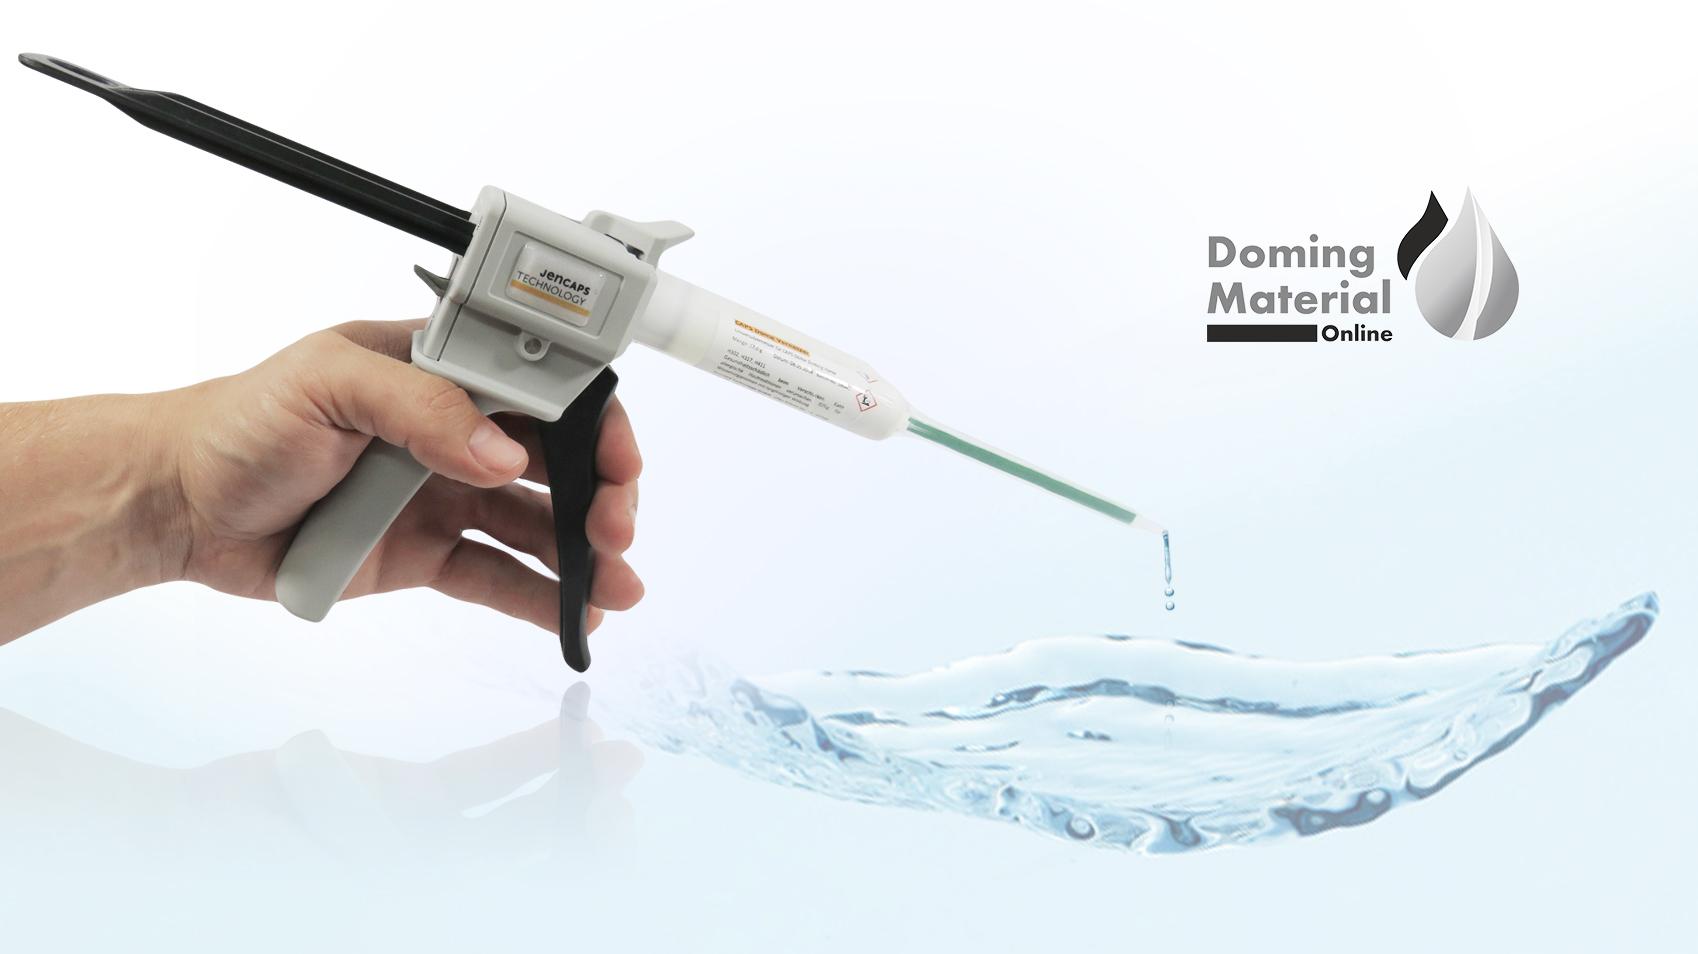 Doming-Material_Online_Dosierpistole_Handhabung